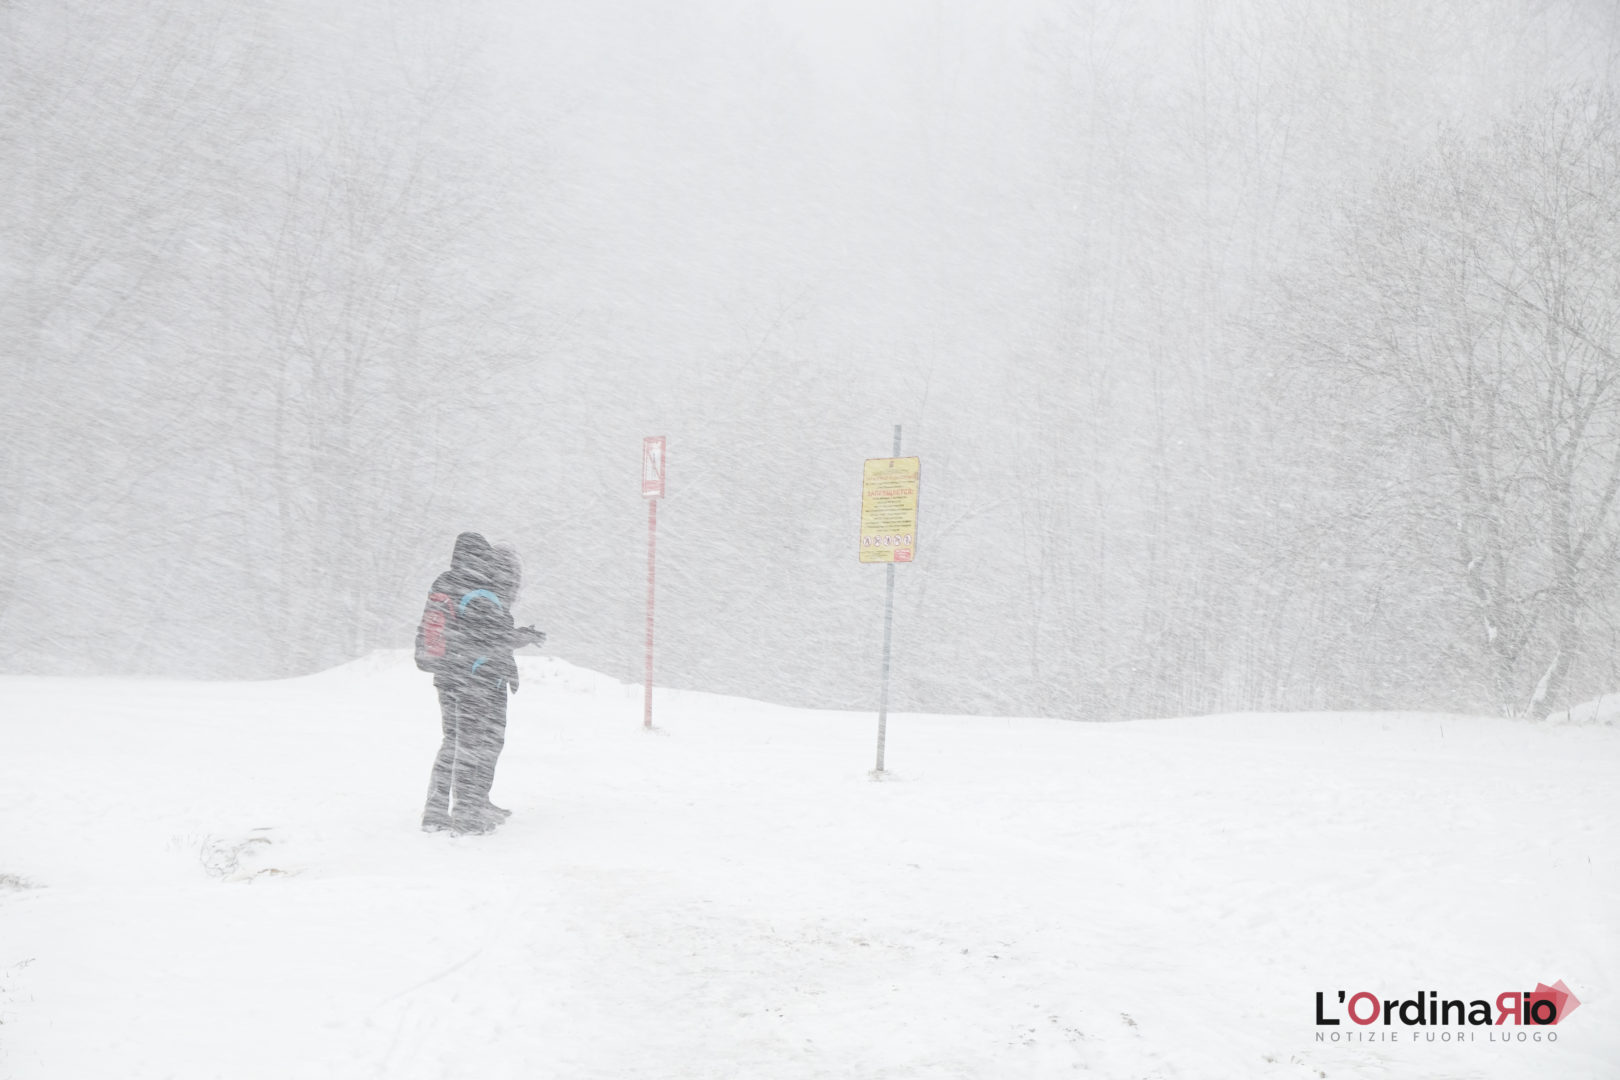 Le avventure di Behemoth (2) – Inverno e primavera o primavera e inverno?